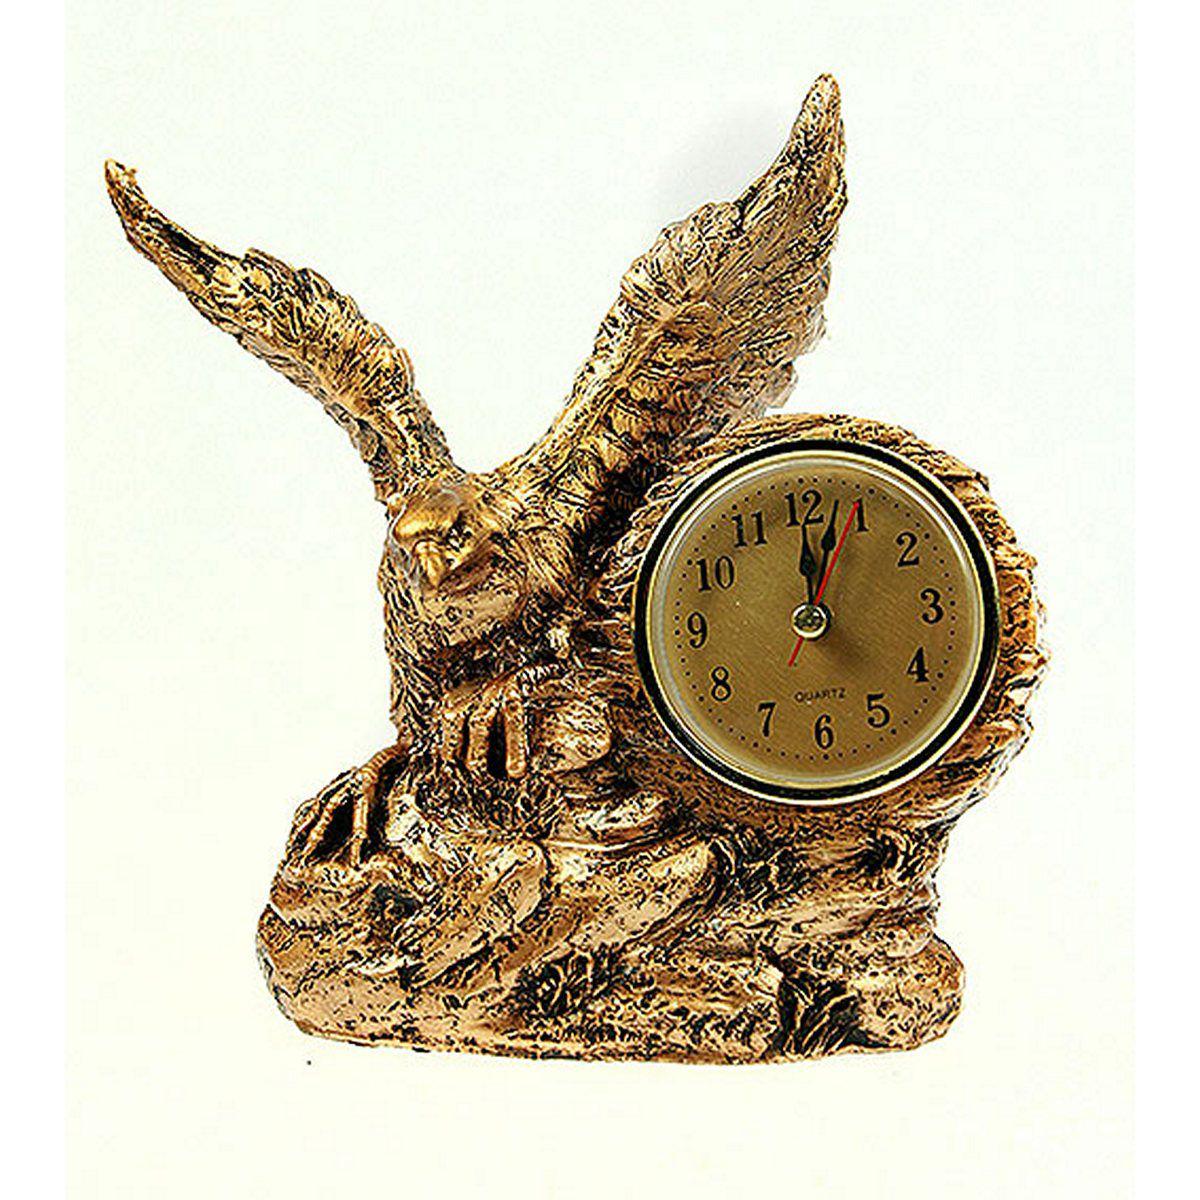 Часы настольные Русские Подарки Орел, цвет: медный, 15 х 8 х 17 см. 59360 ваза русские подарки винтаж высота 31 см 123710